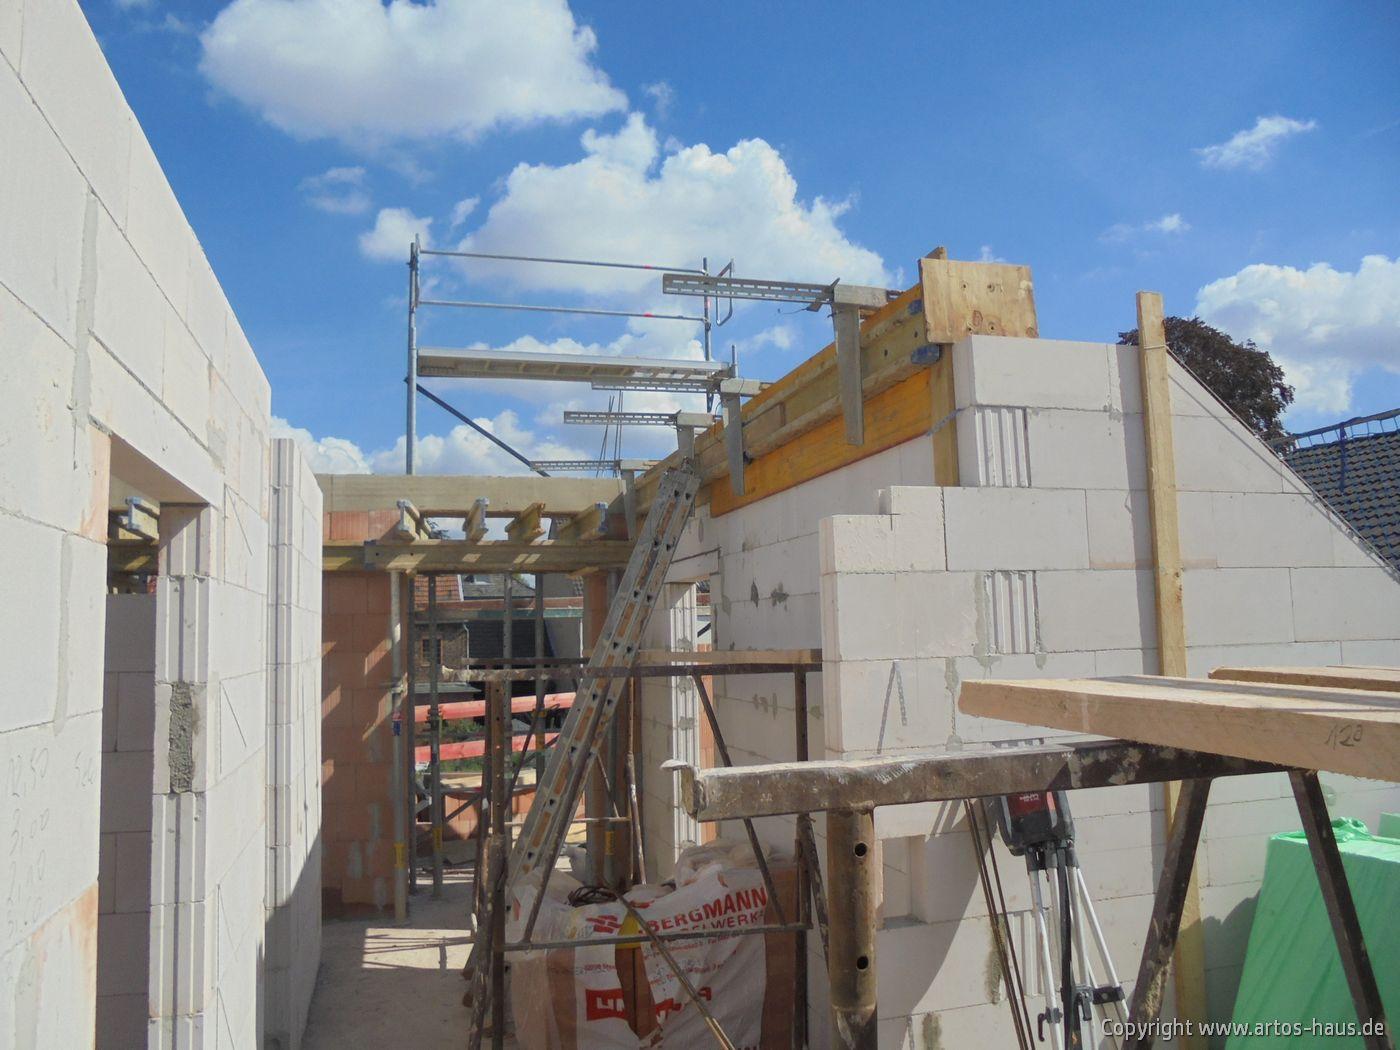 Dachgeschoss Artos Haus Pulheim, Mehrfamilienhaus Bild 1